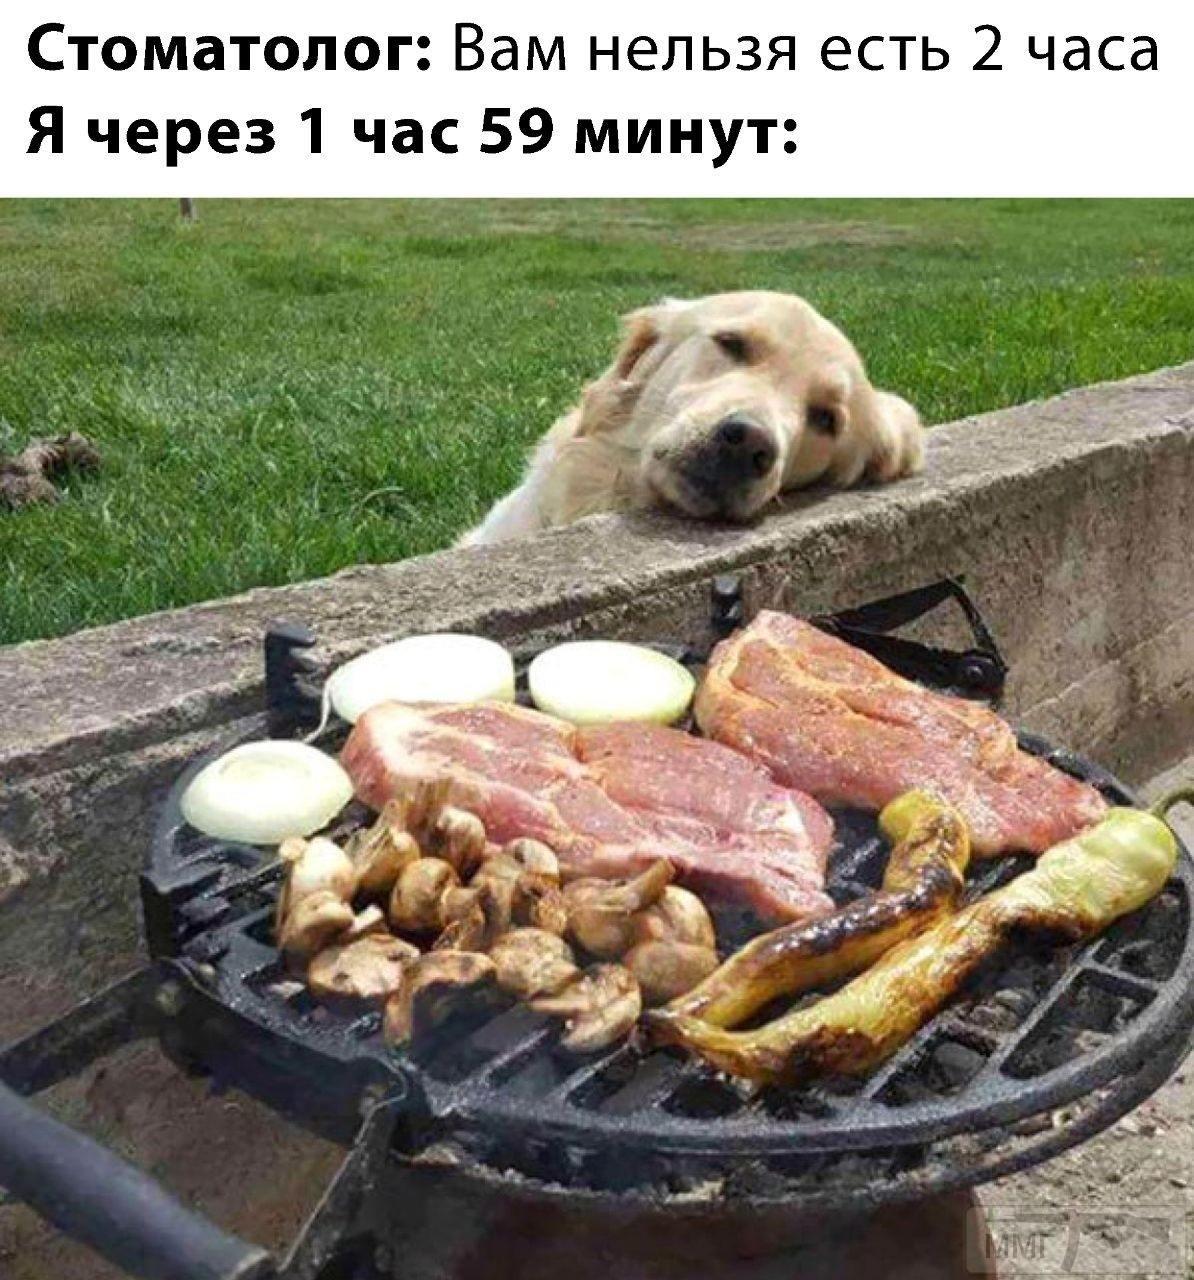 108714 - Закуски на огне (мангал, барбекю и т.д.) и кулинария вообще. Советы и рецепты.